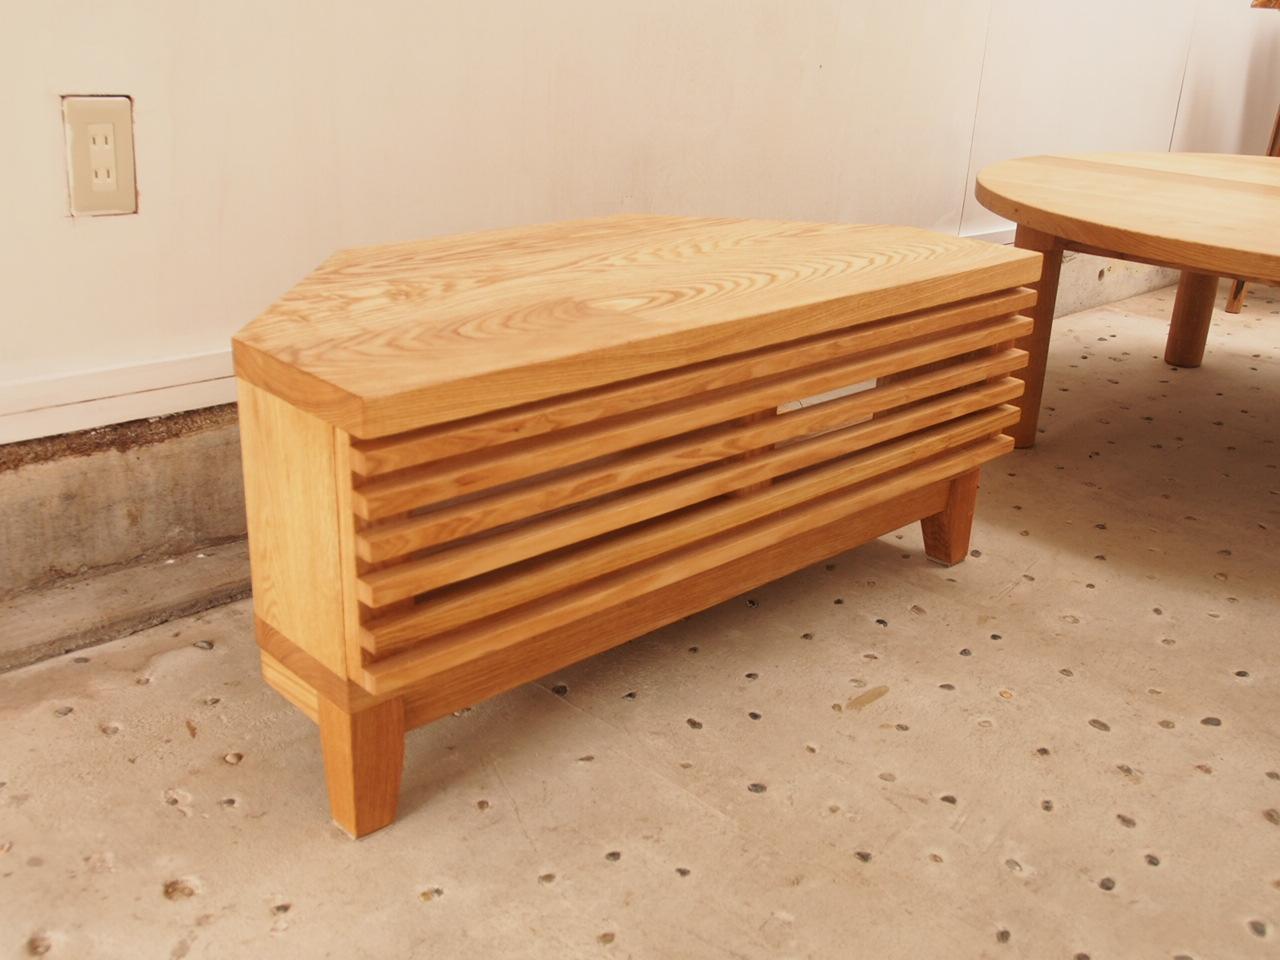 那須高原 じざい工房 小林康文の素材を活かす家具づくり